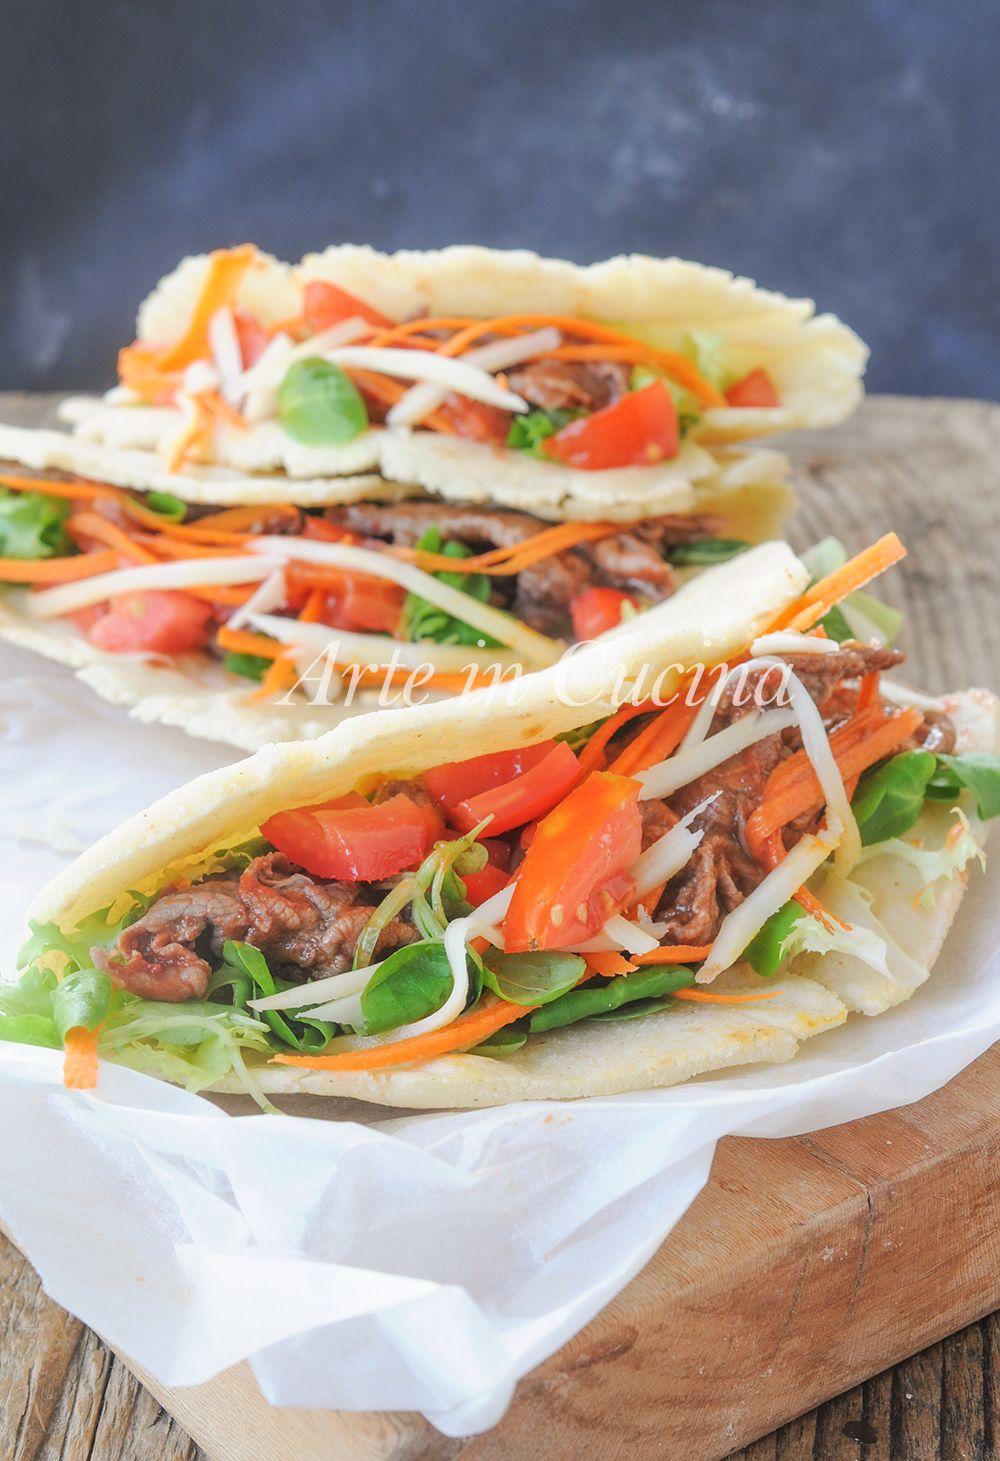 Tacos con carne ricetta messicana facile e veloce vickyart arte in cucina